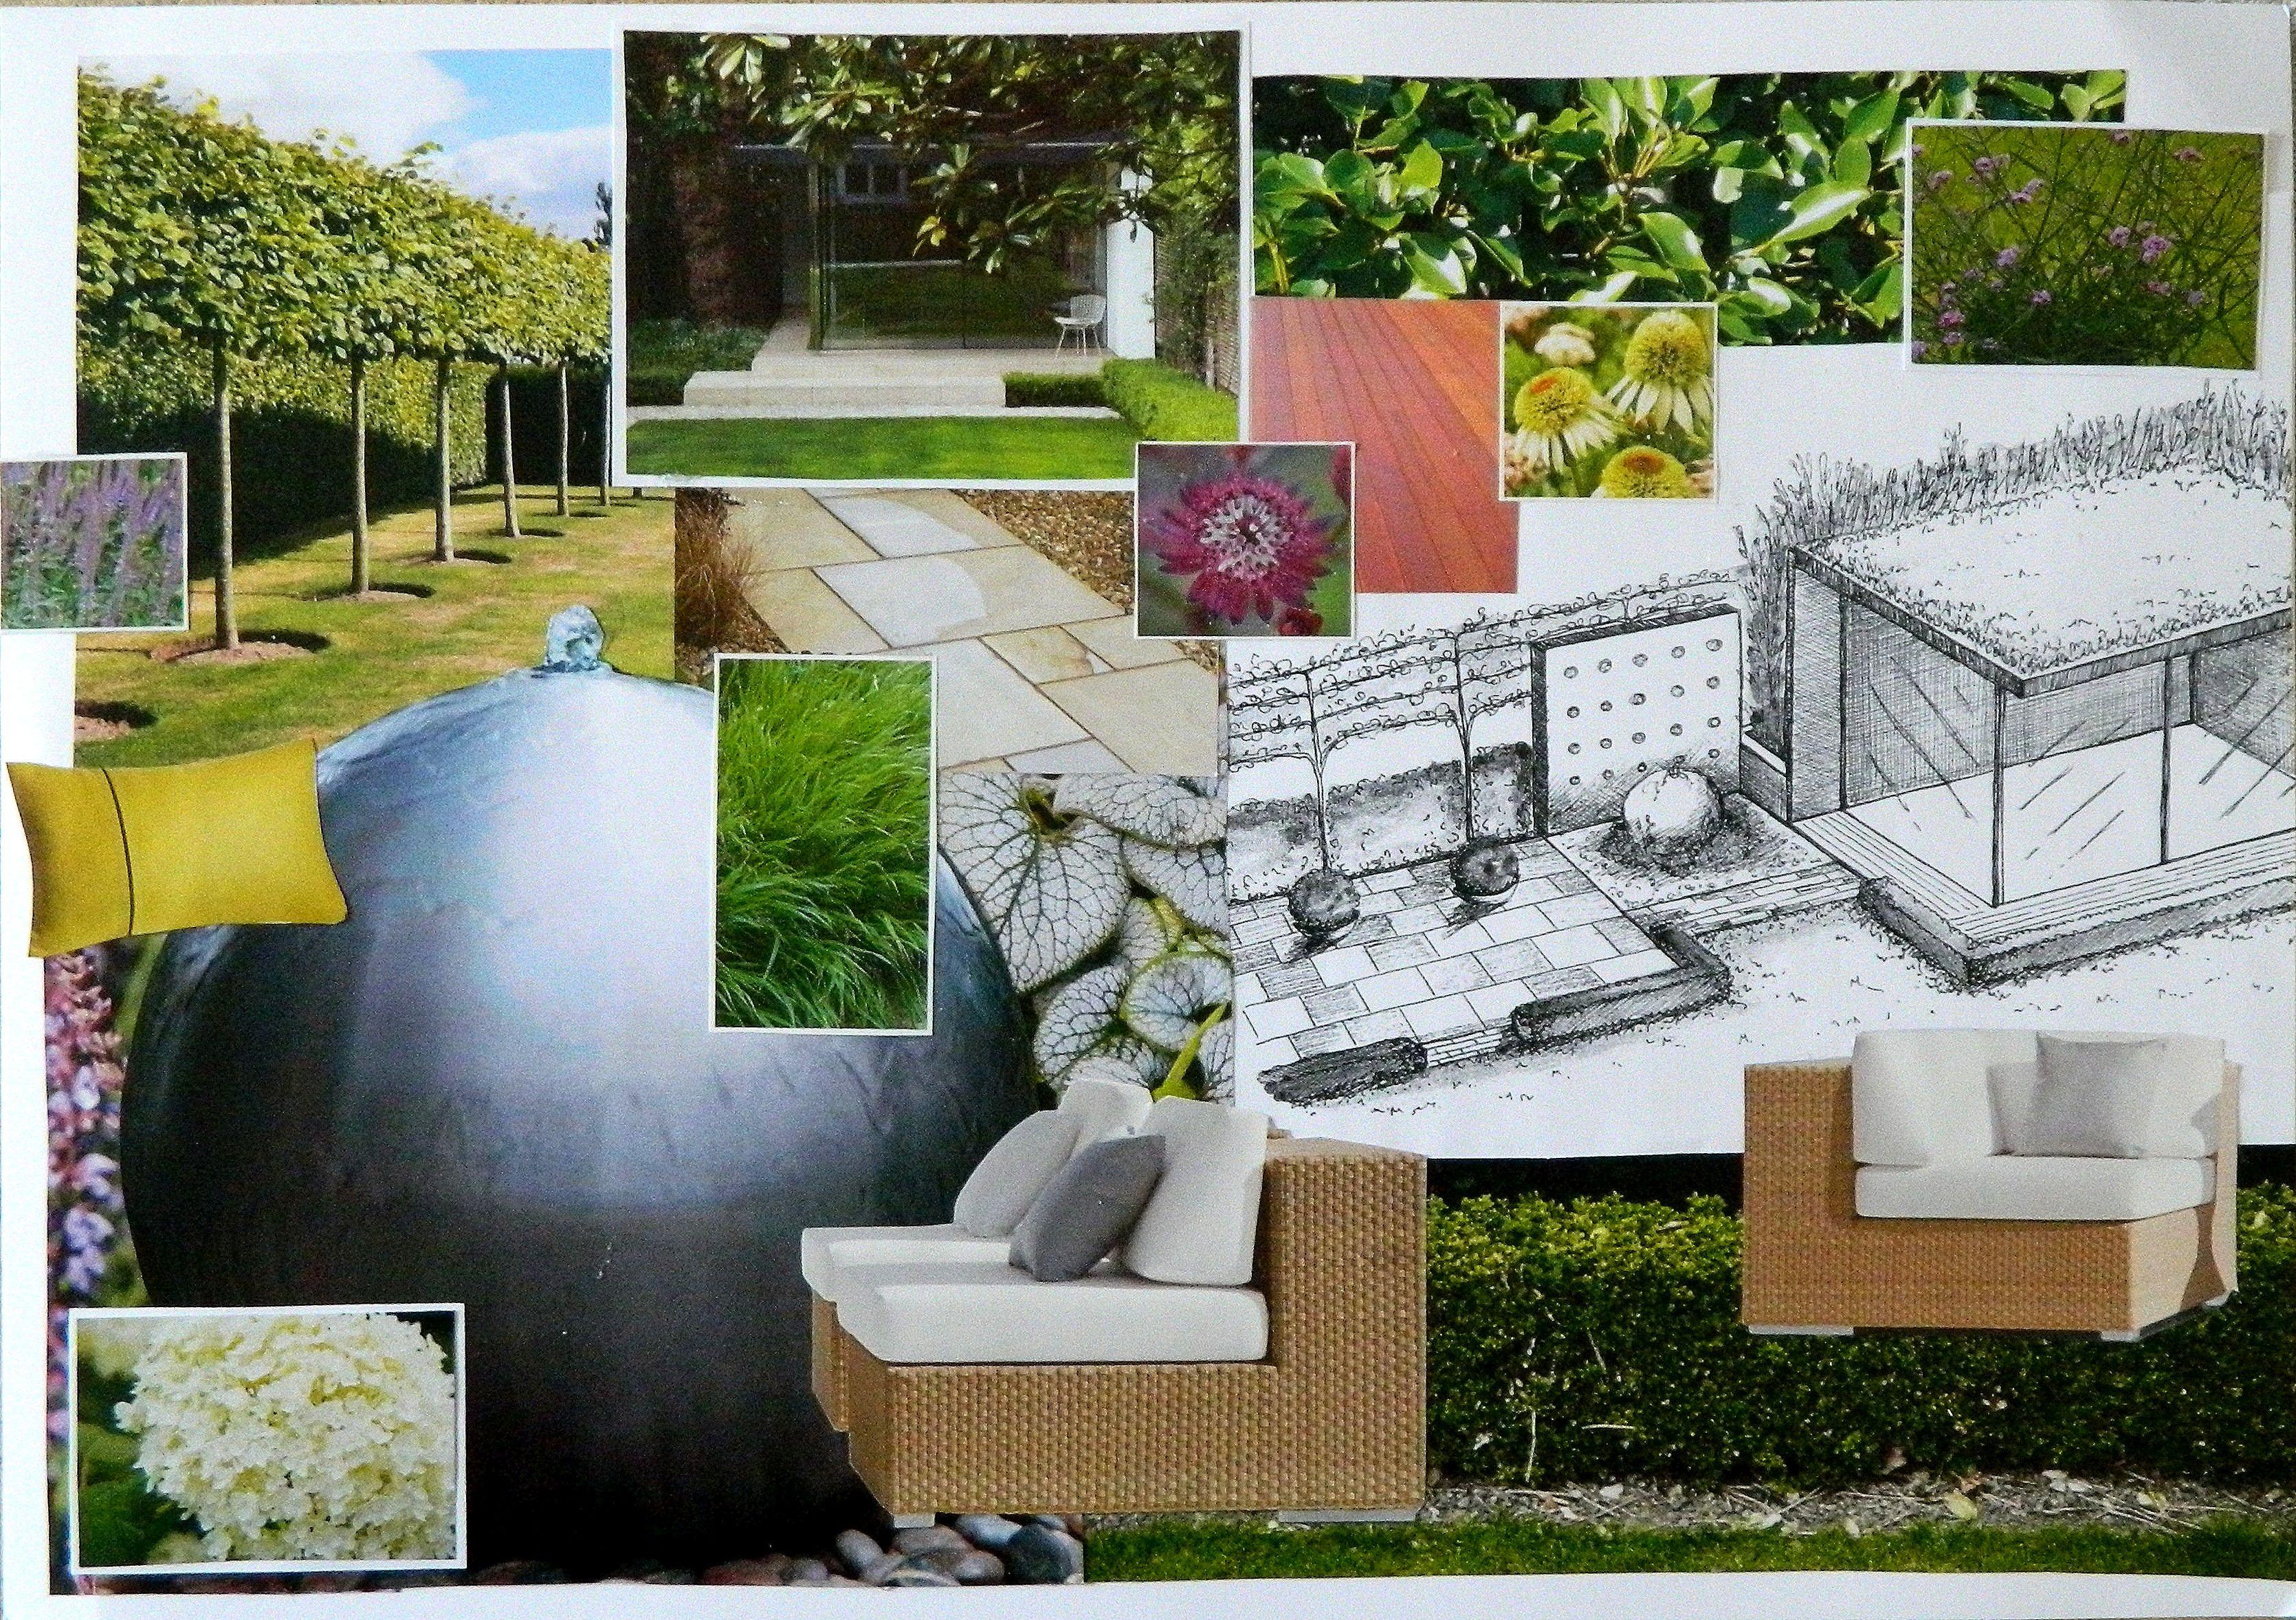 Pin By Joe Brimson On Garden Contemporary Garden Patio Design Landscape Design